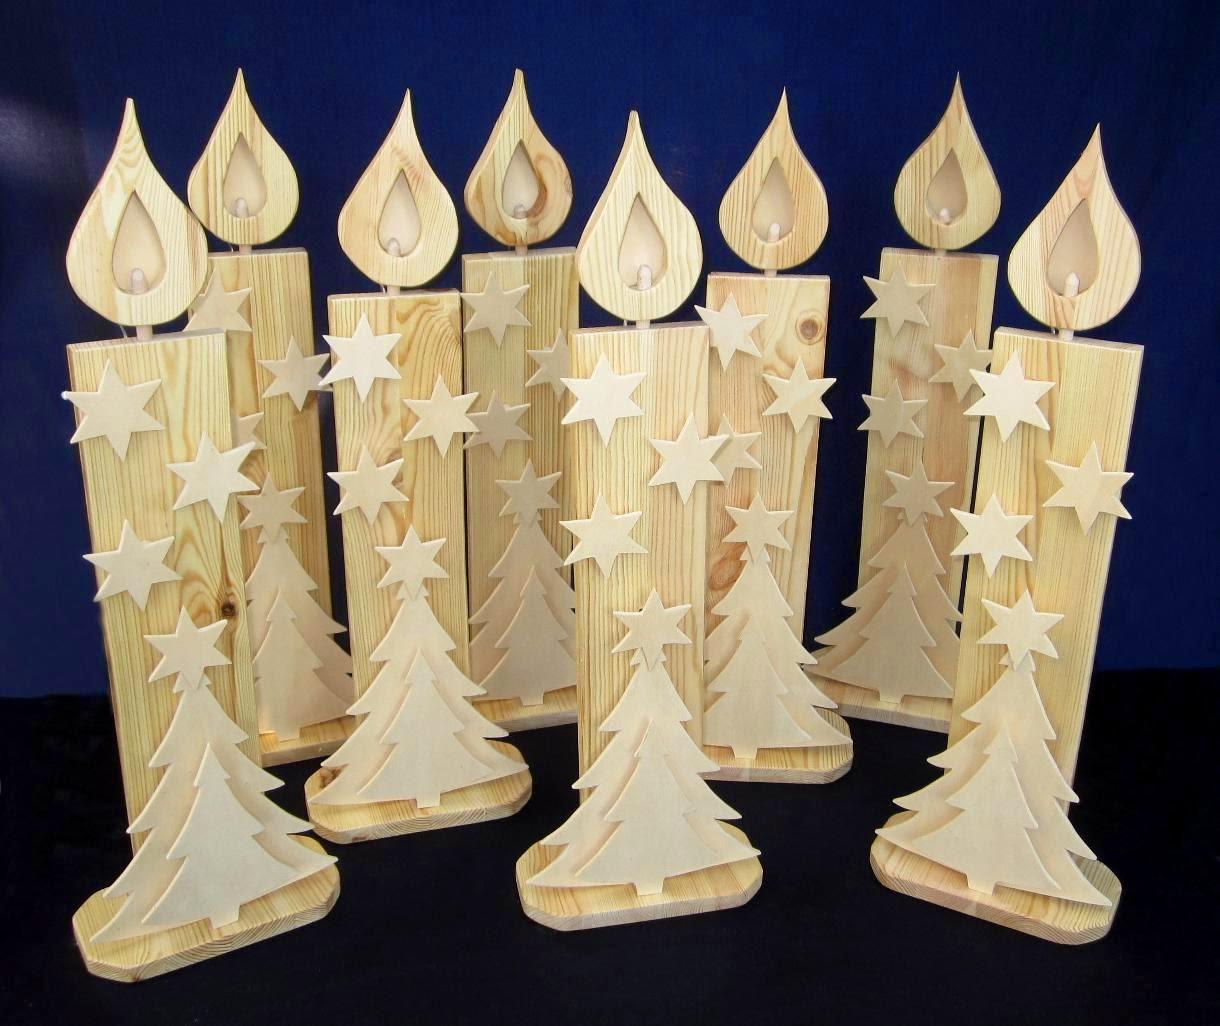 Holzdeko weihnachten vorlagen for Vorlagen basteln weihnachten